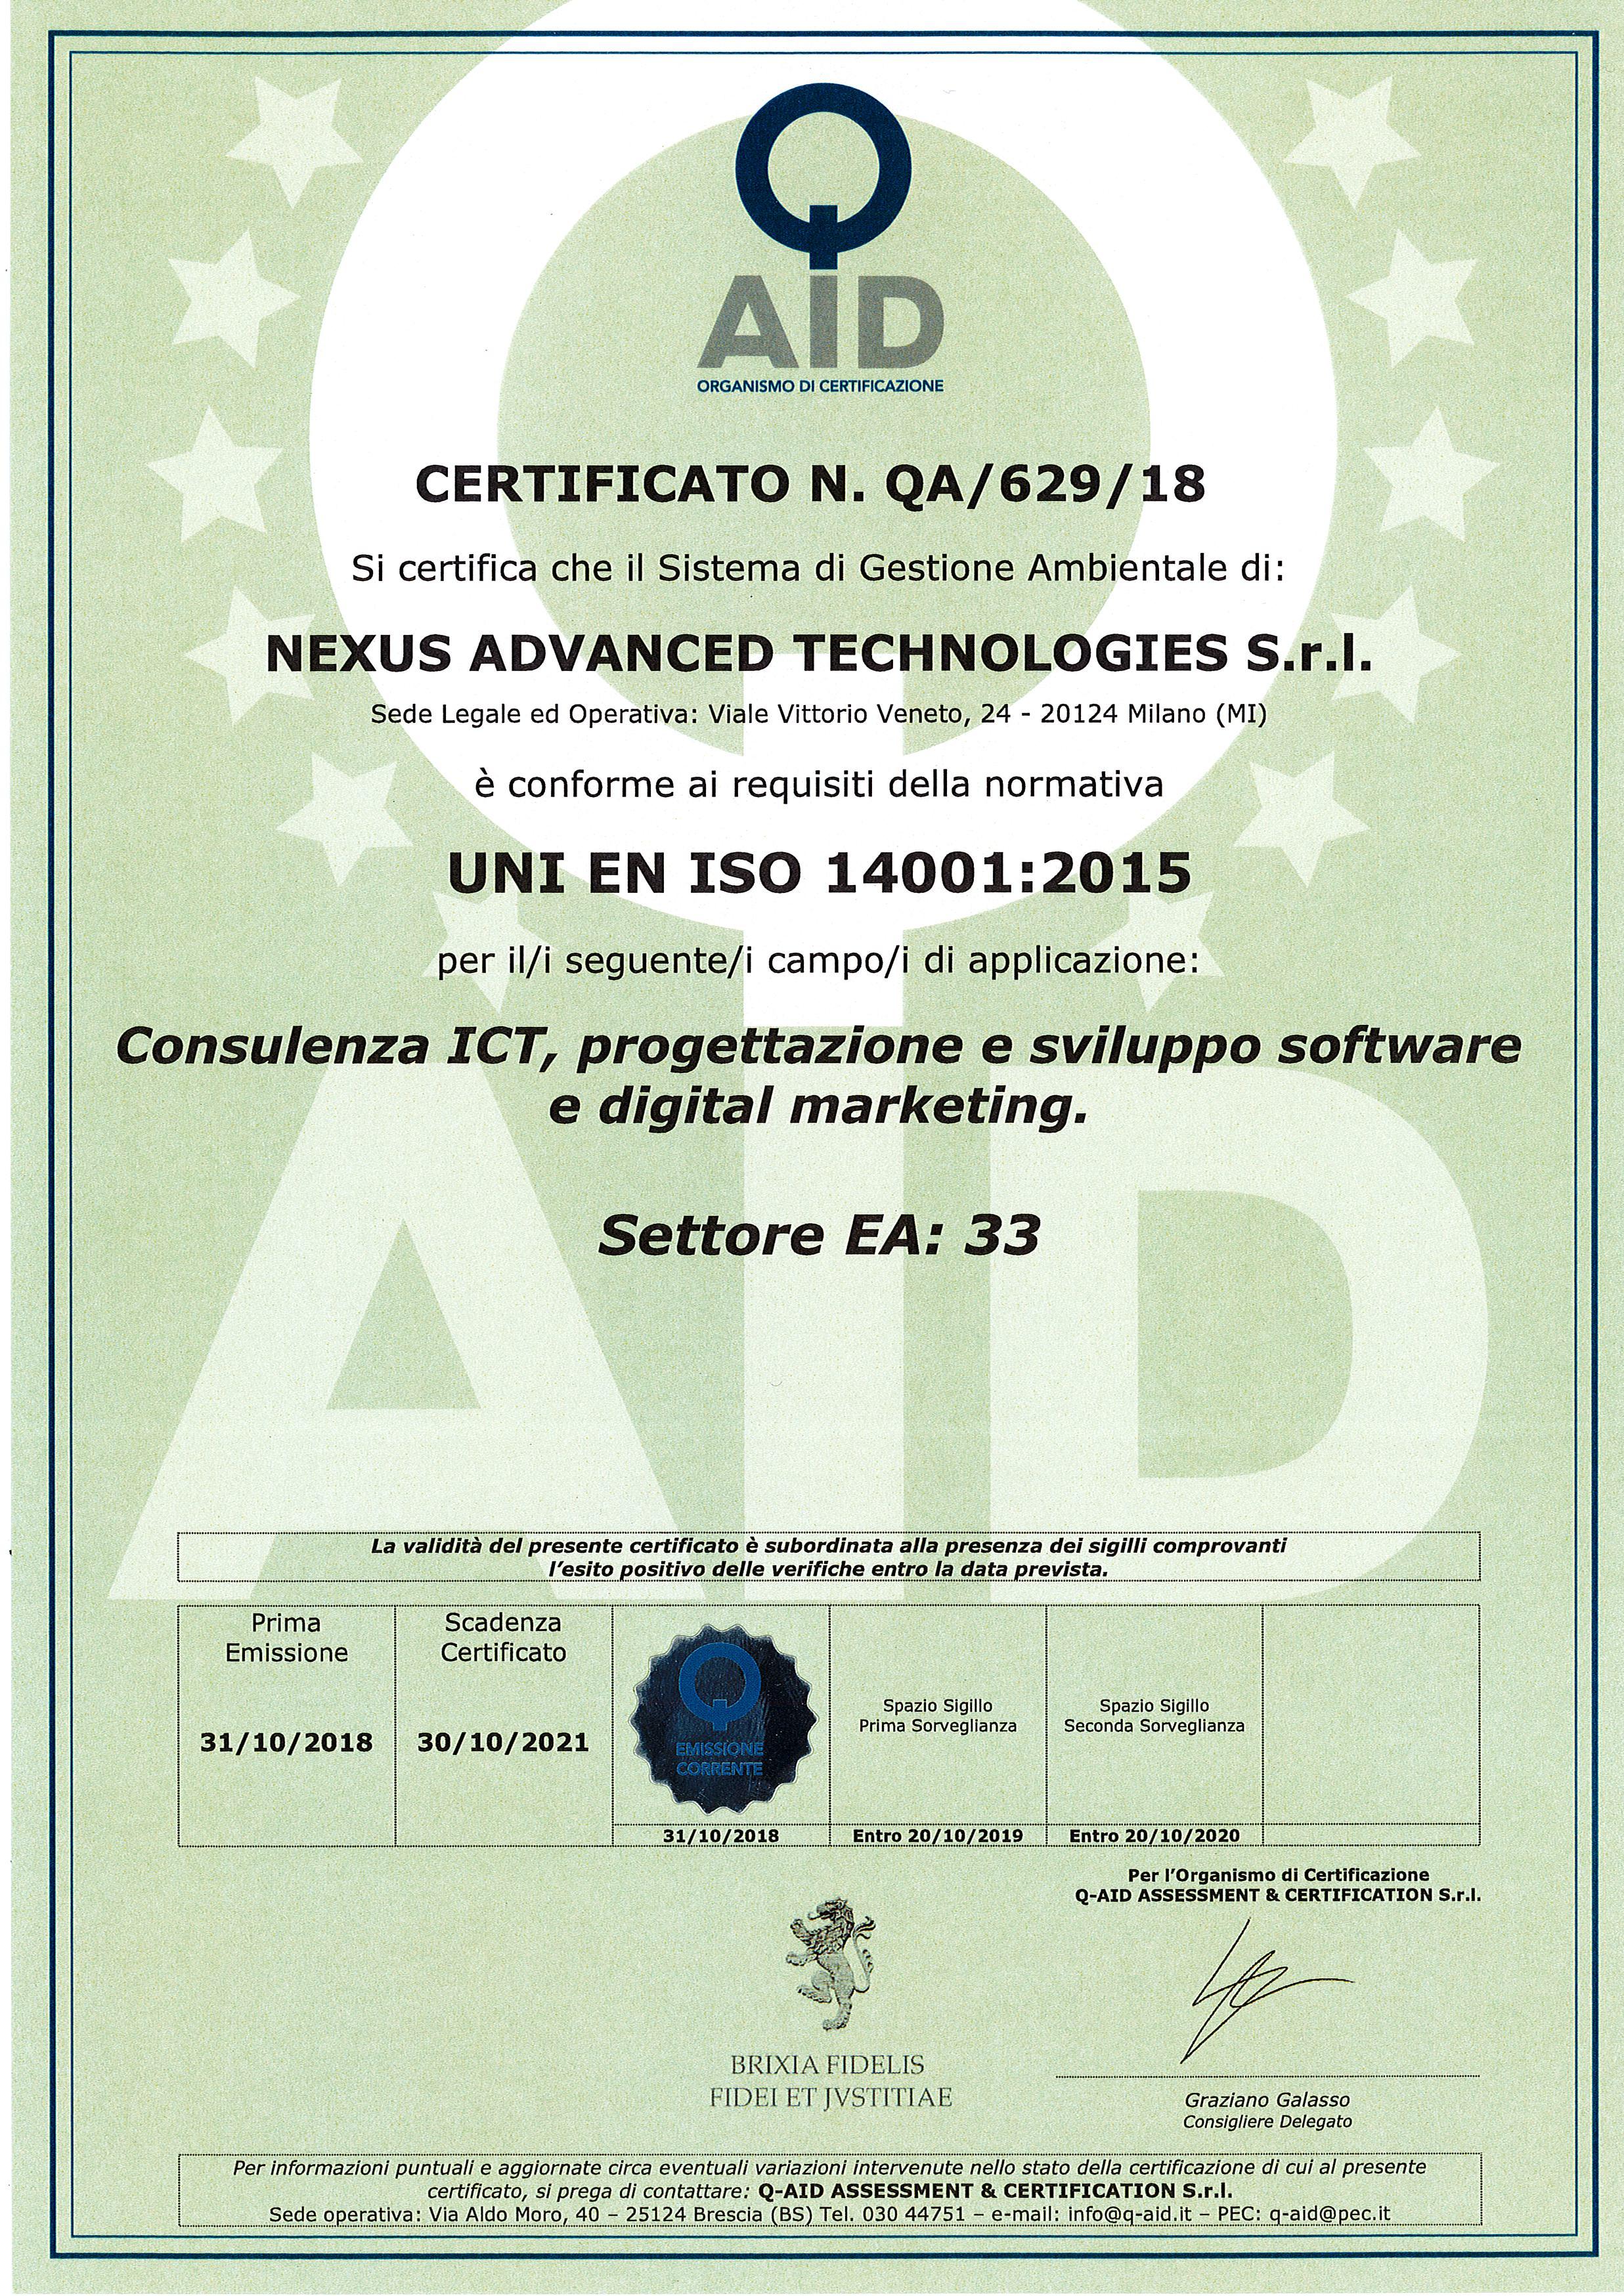 2018-10-31 - Certificato QA 629 18 (1)